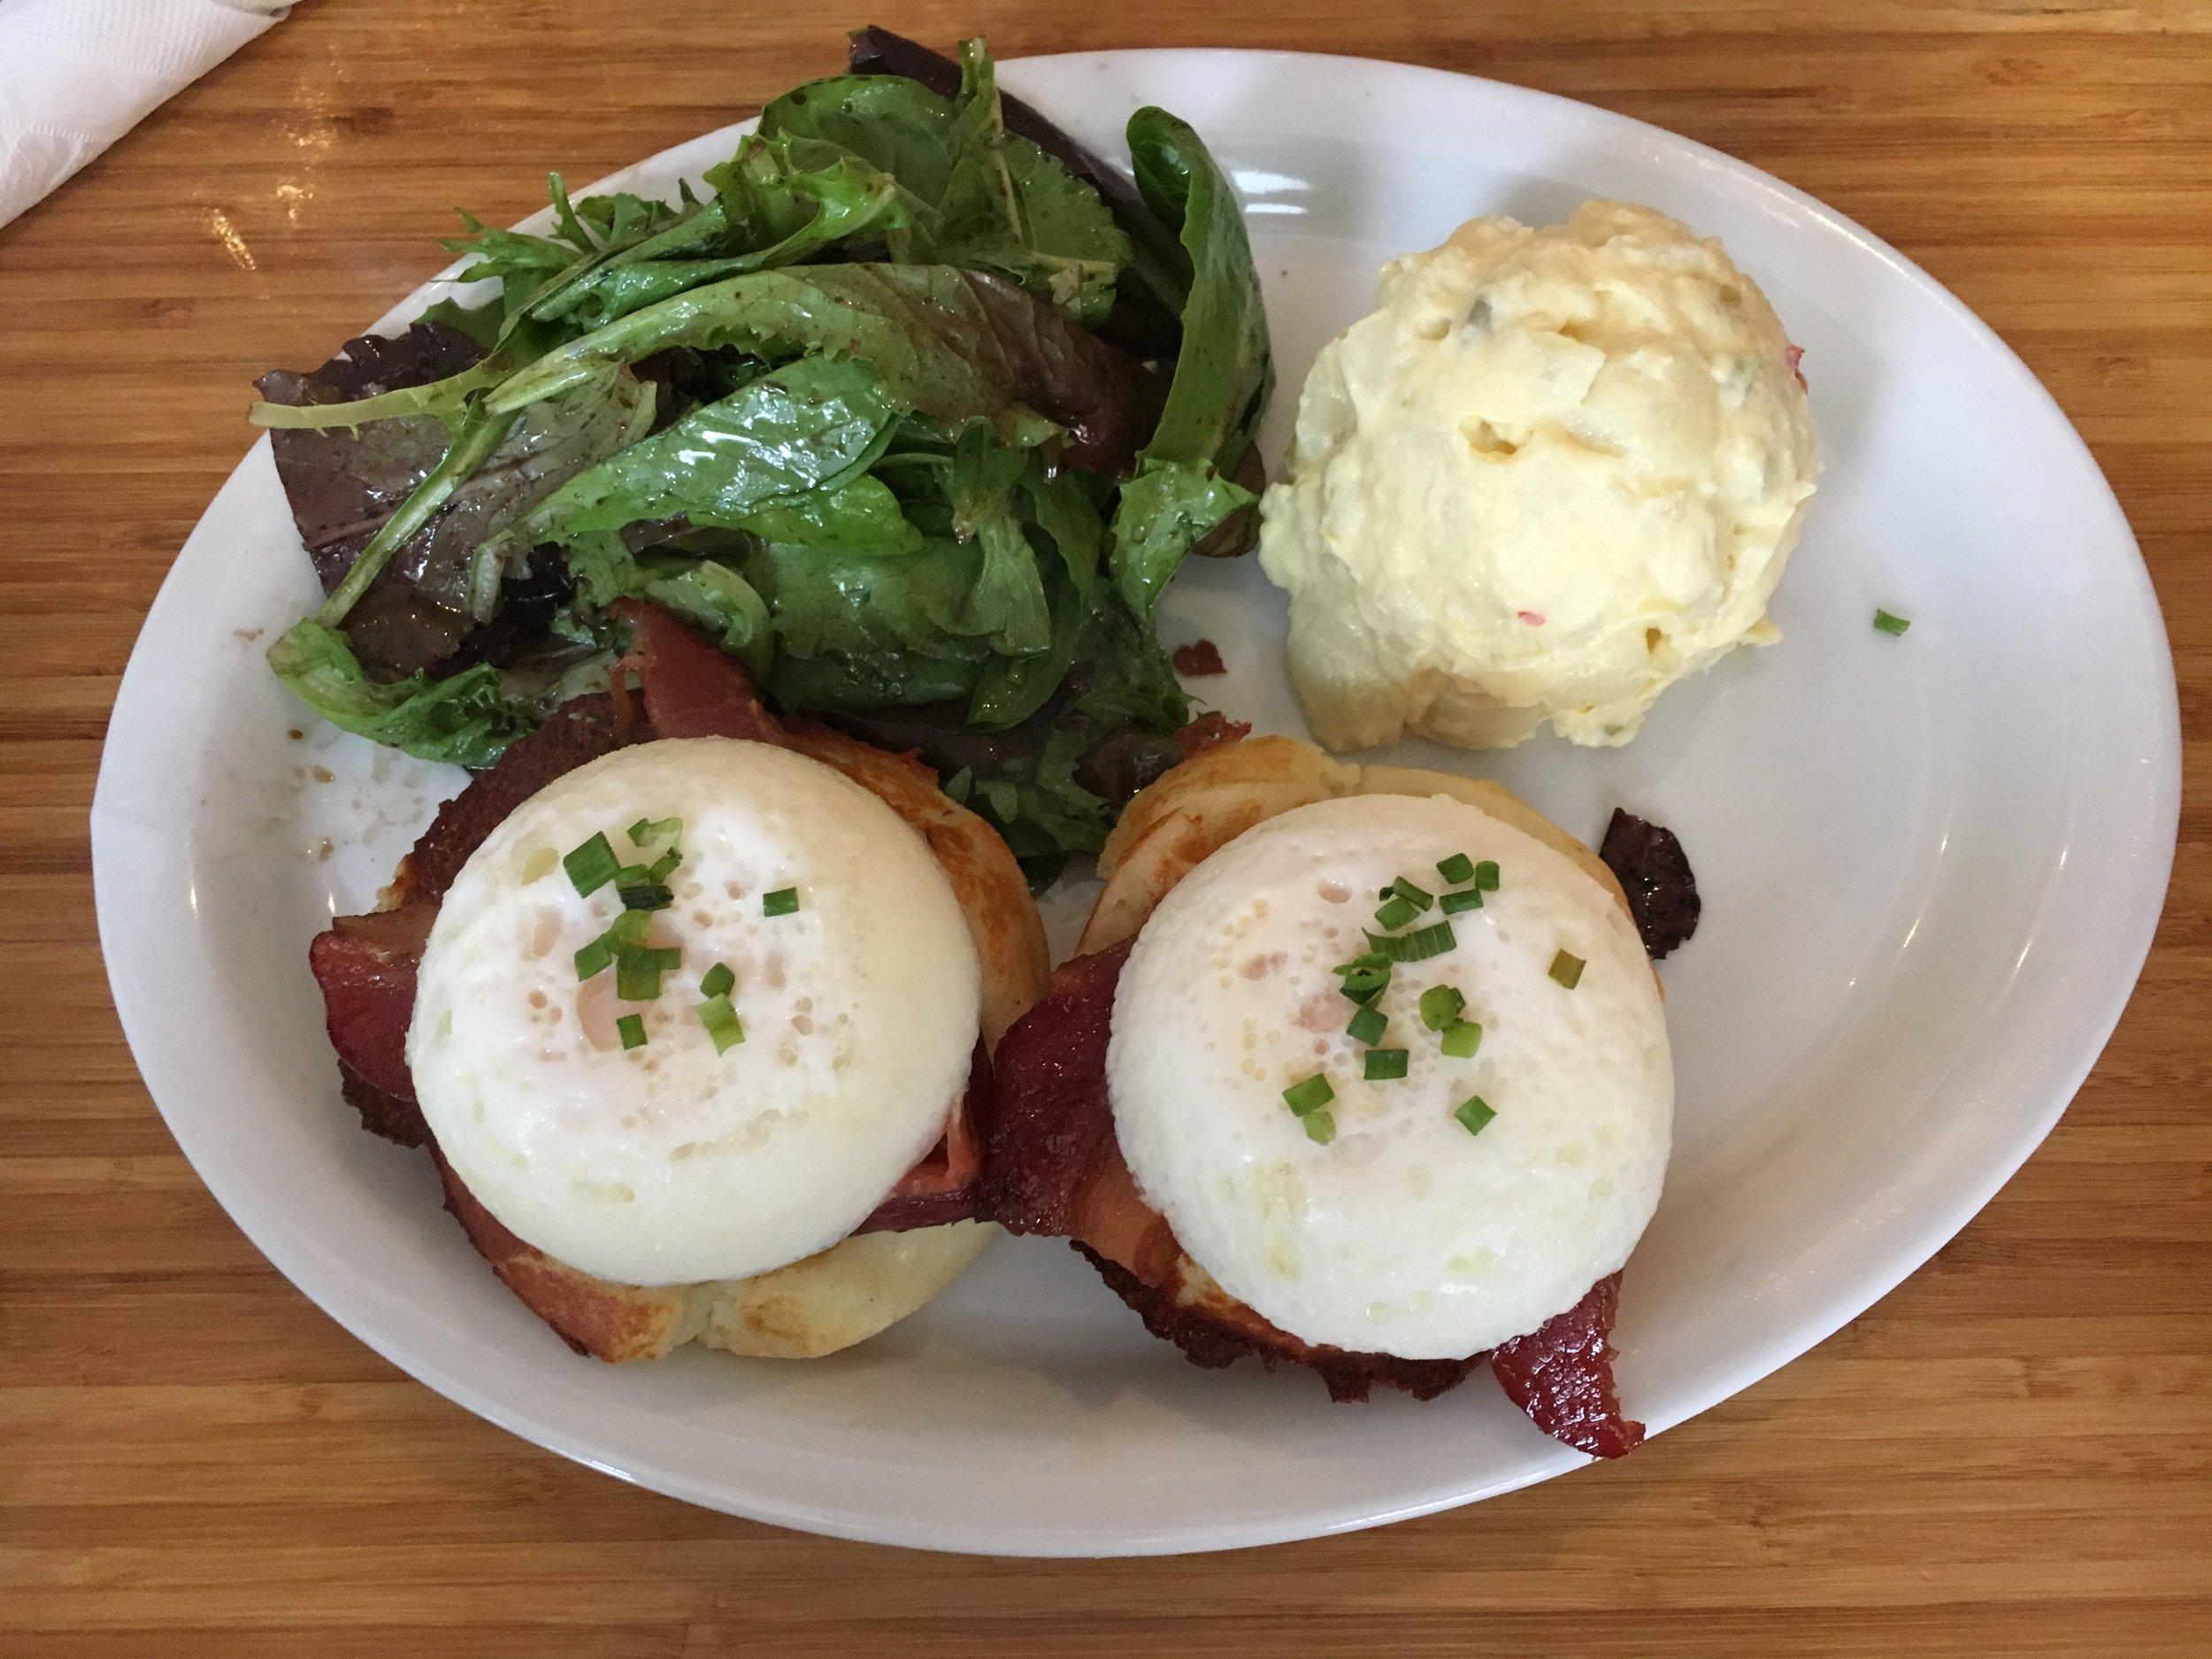 Jian's pick: Breakfast Waffles & Potato Salad